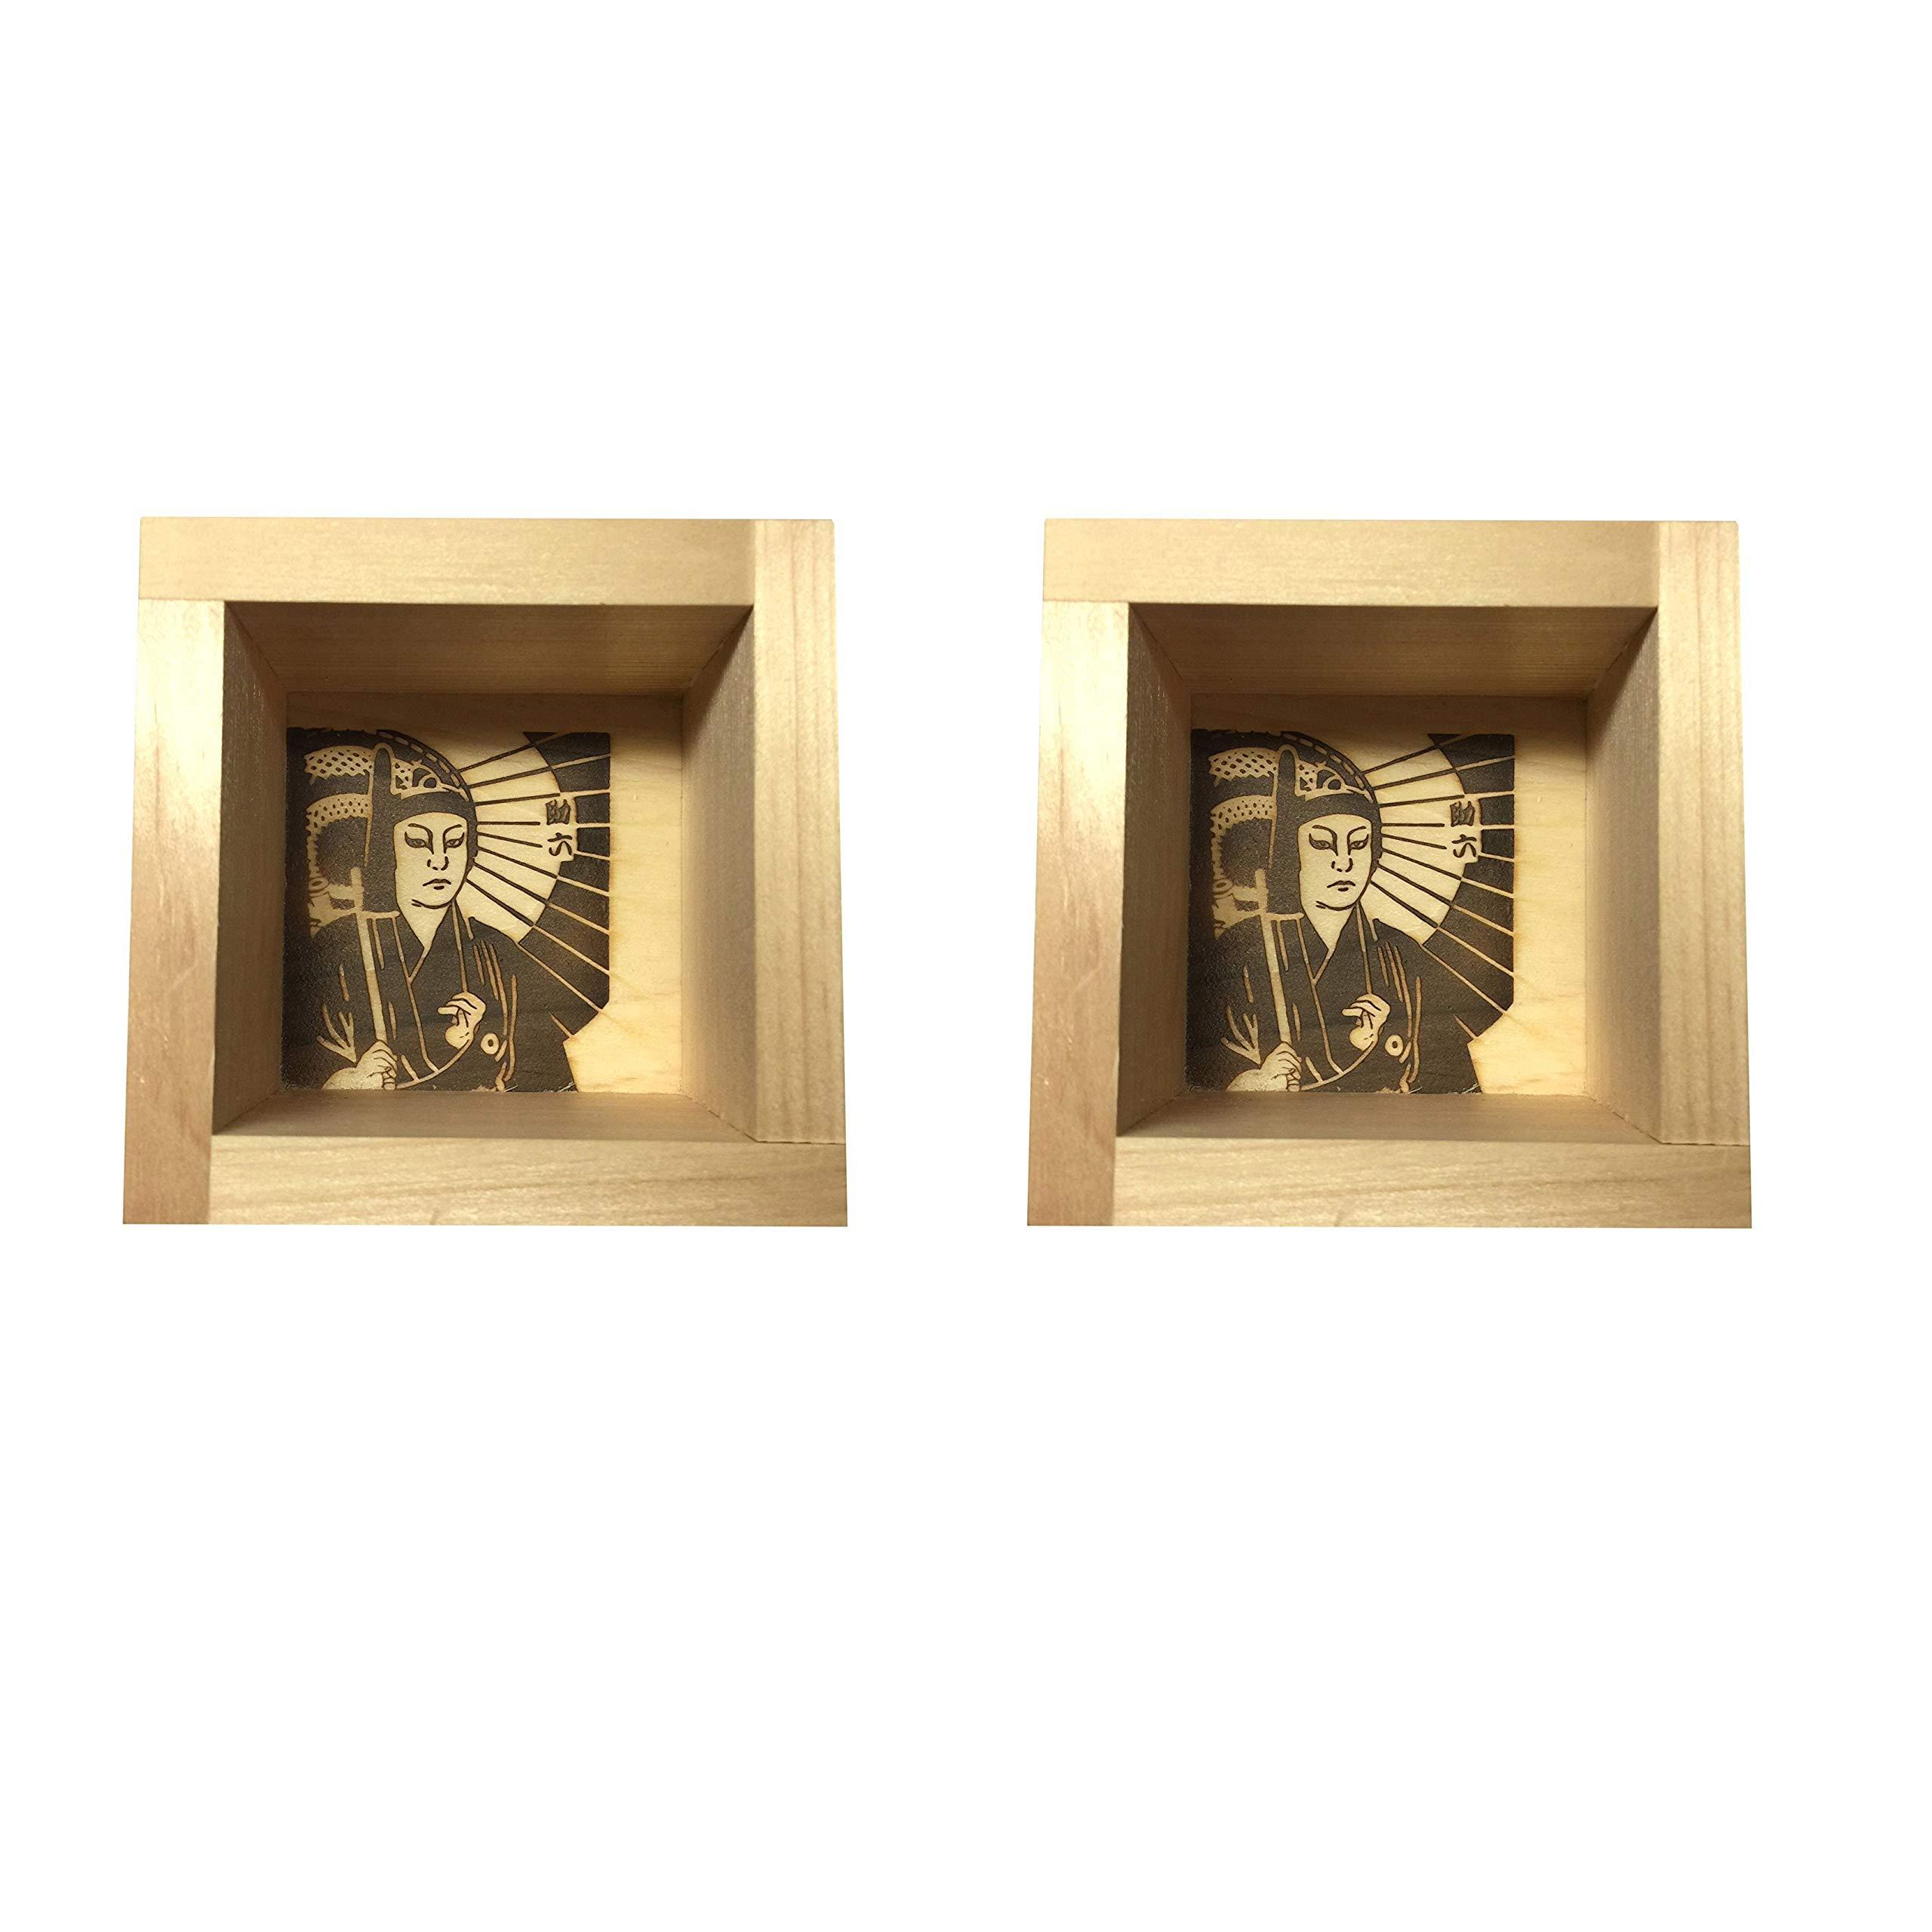 JapanBargain 2729x2 Masu Wooden Sake Cup, 4 oz-Kabukix2, Wood